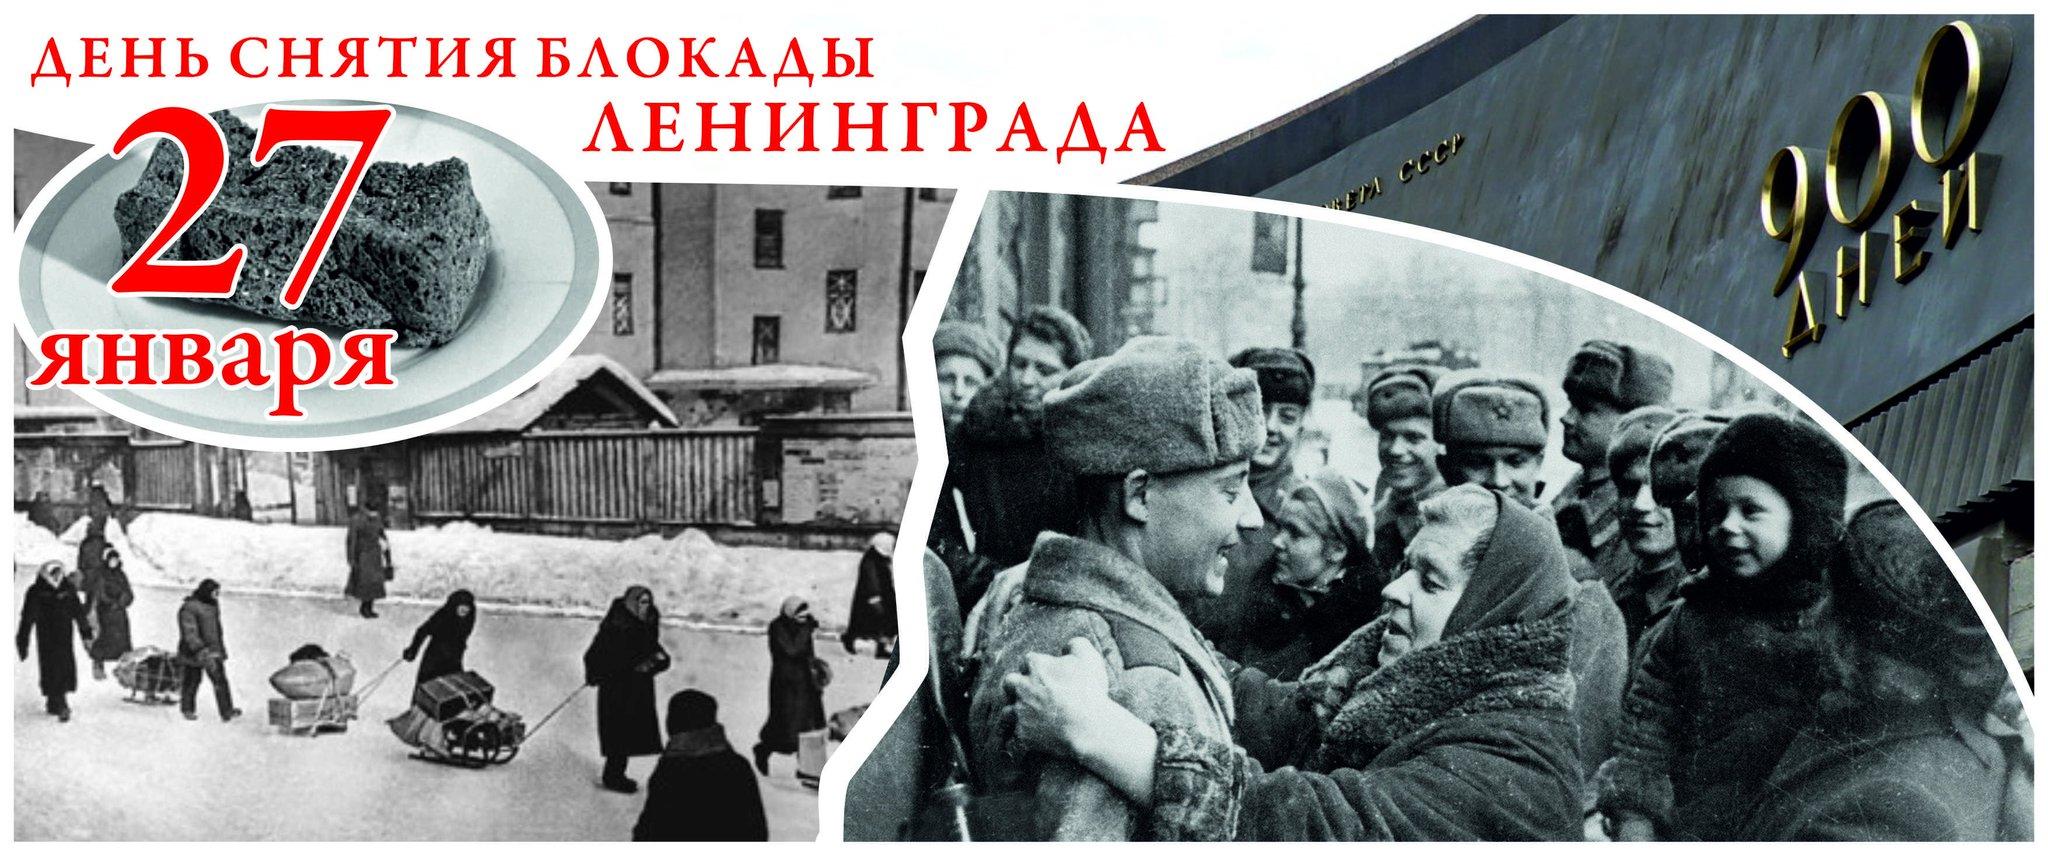 Надписью, картинки с снятием блокады ленинграда